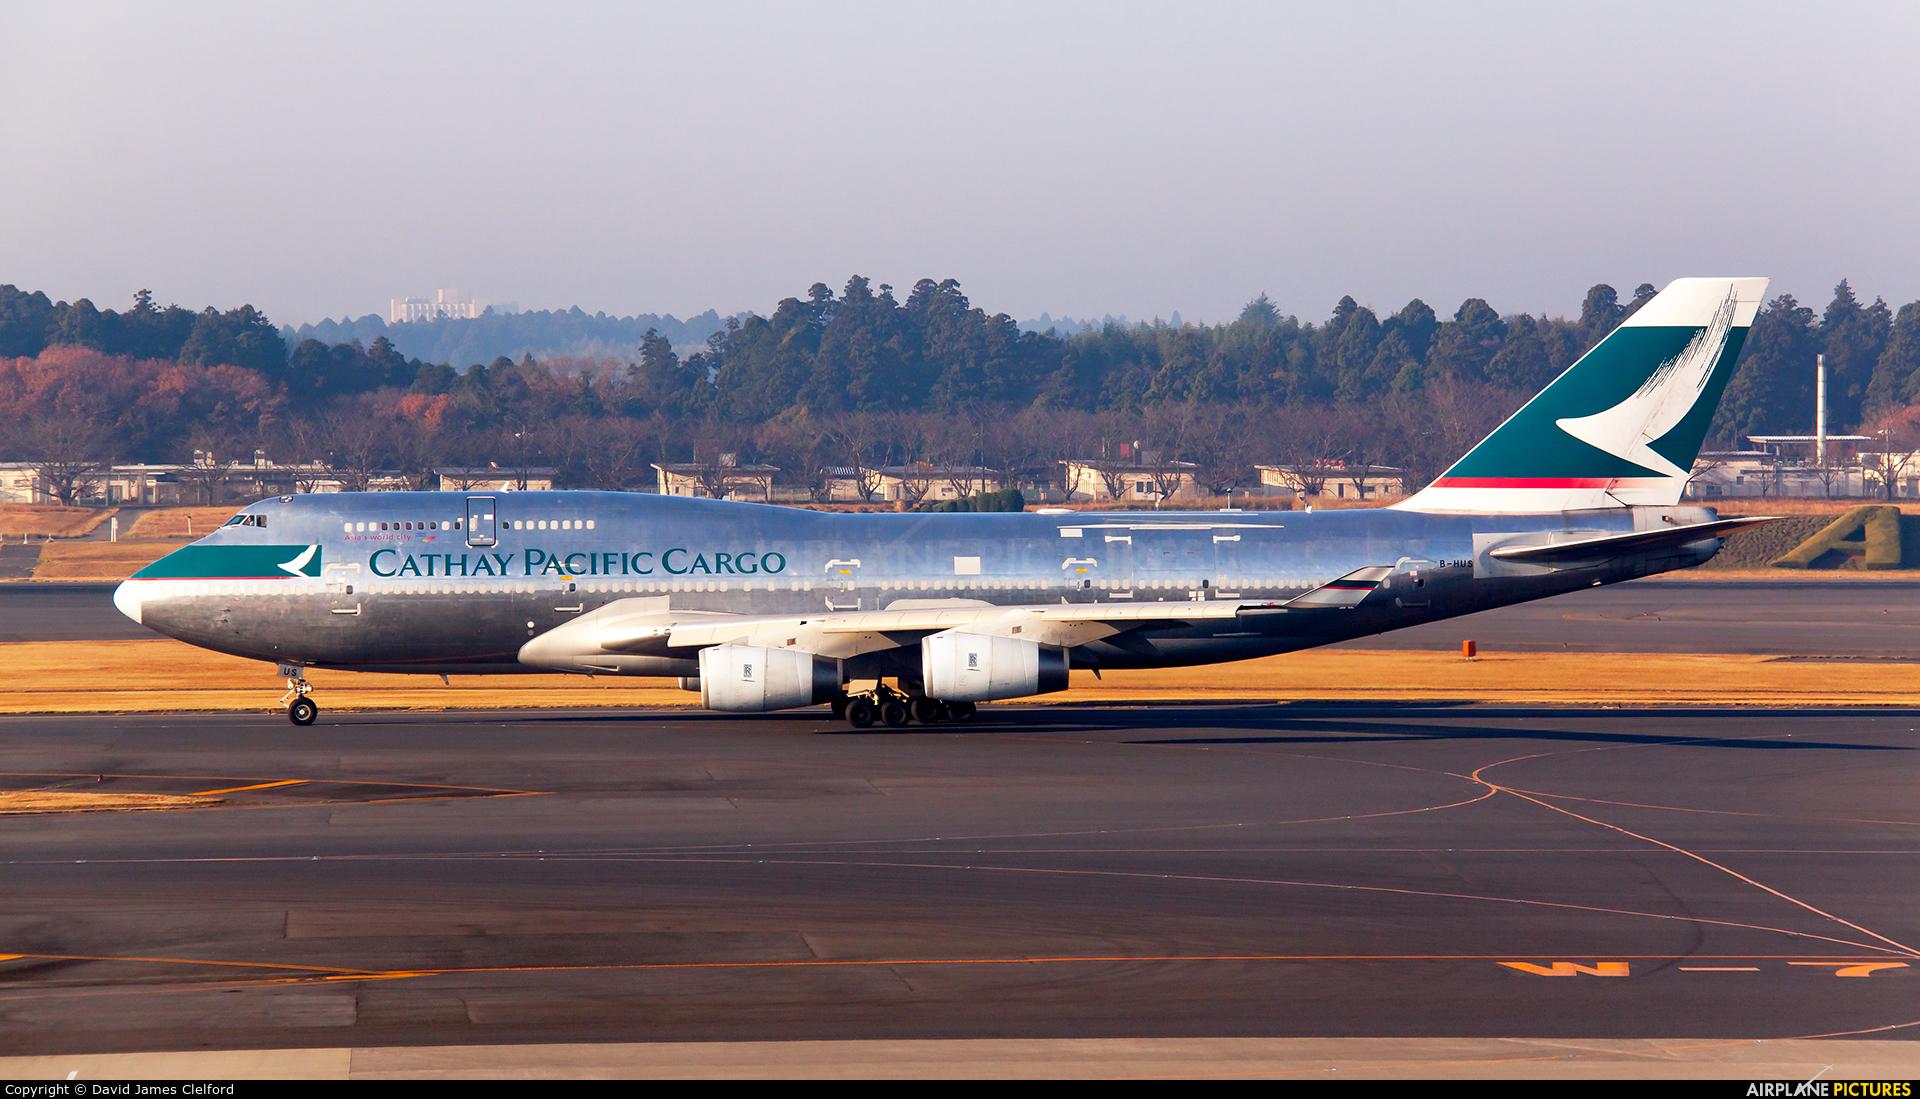 Cathay Pacific Cargo B-HUS aircraft at Tokyo - Narita Intl